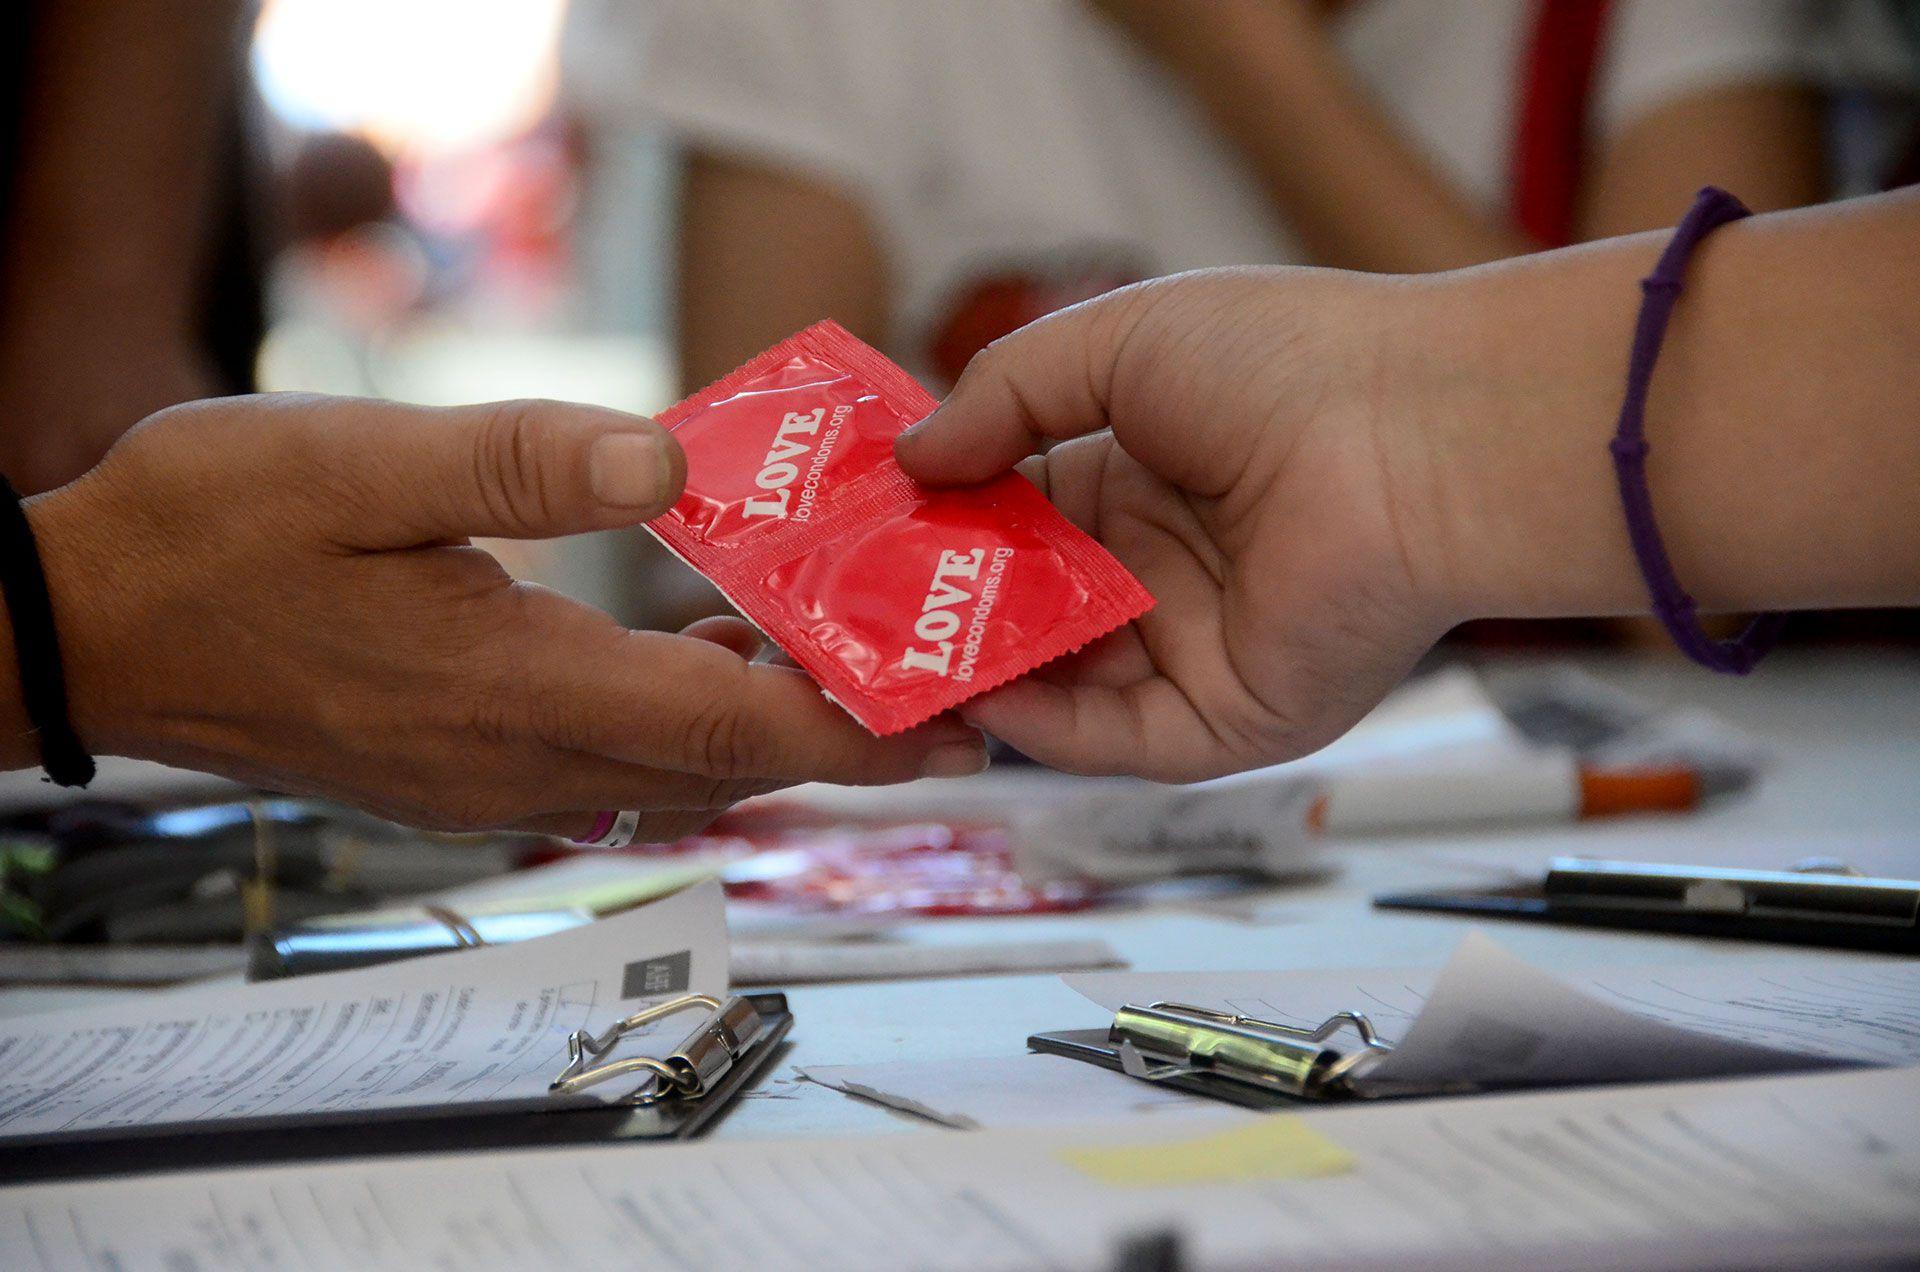 Según ONUSIDA, la pandemia también tuvo consecuencias en la salud sexual y reproductiva, con dificultades en la entrega de anticonceptivos